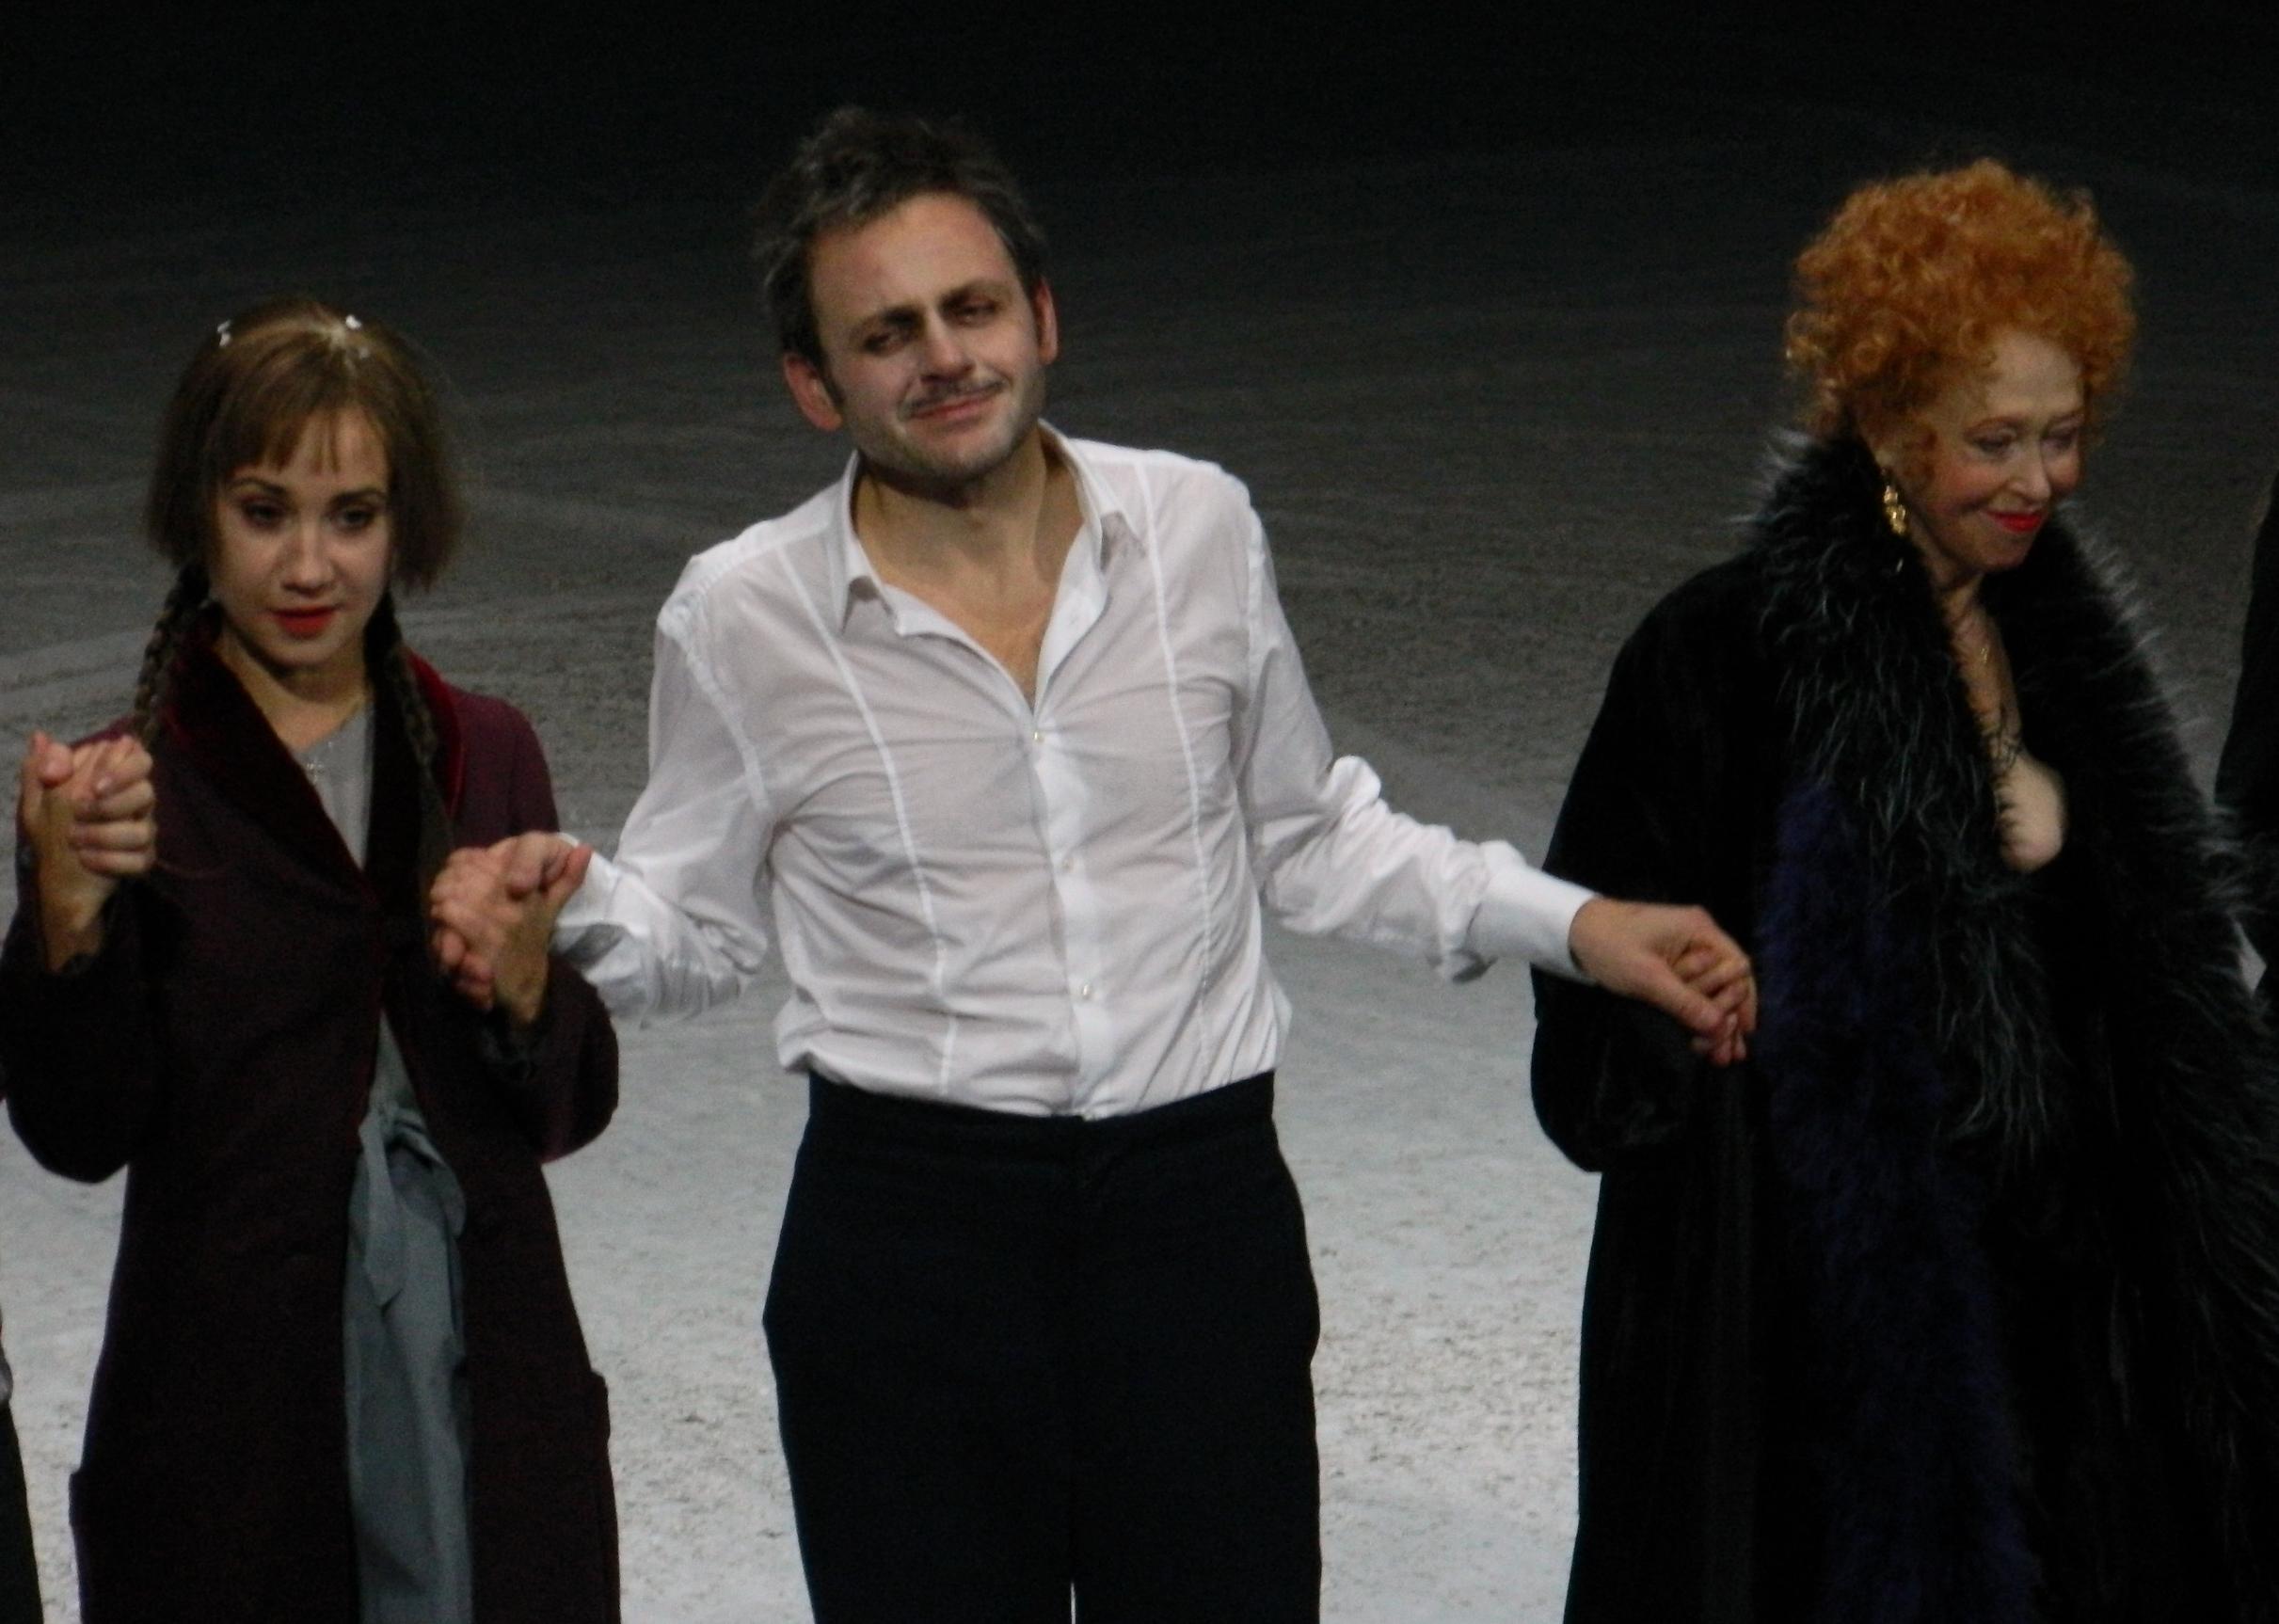 In eins nun die Hände. Hier stehen mehrere Jahre und Traditionen deutschsprachiger Theatergeschichte zusammen auf einer Bühne. – Foto: St. Bock